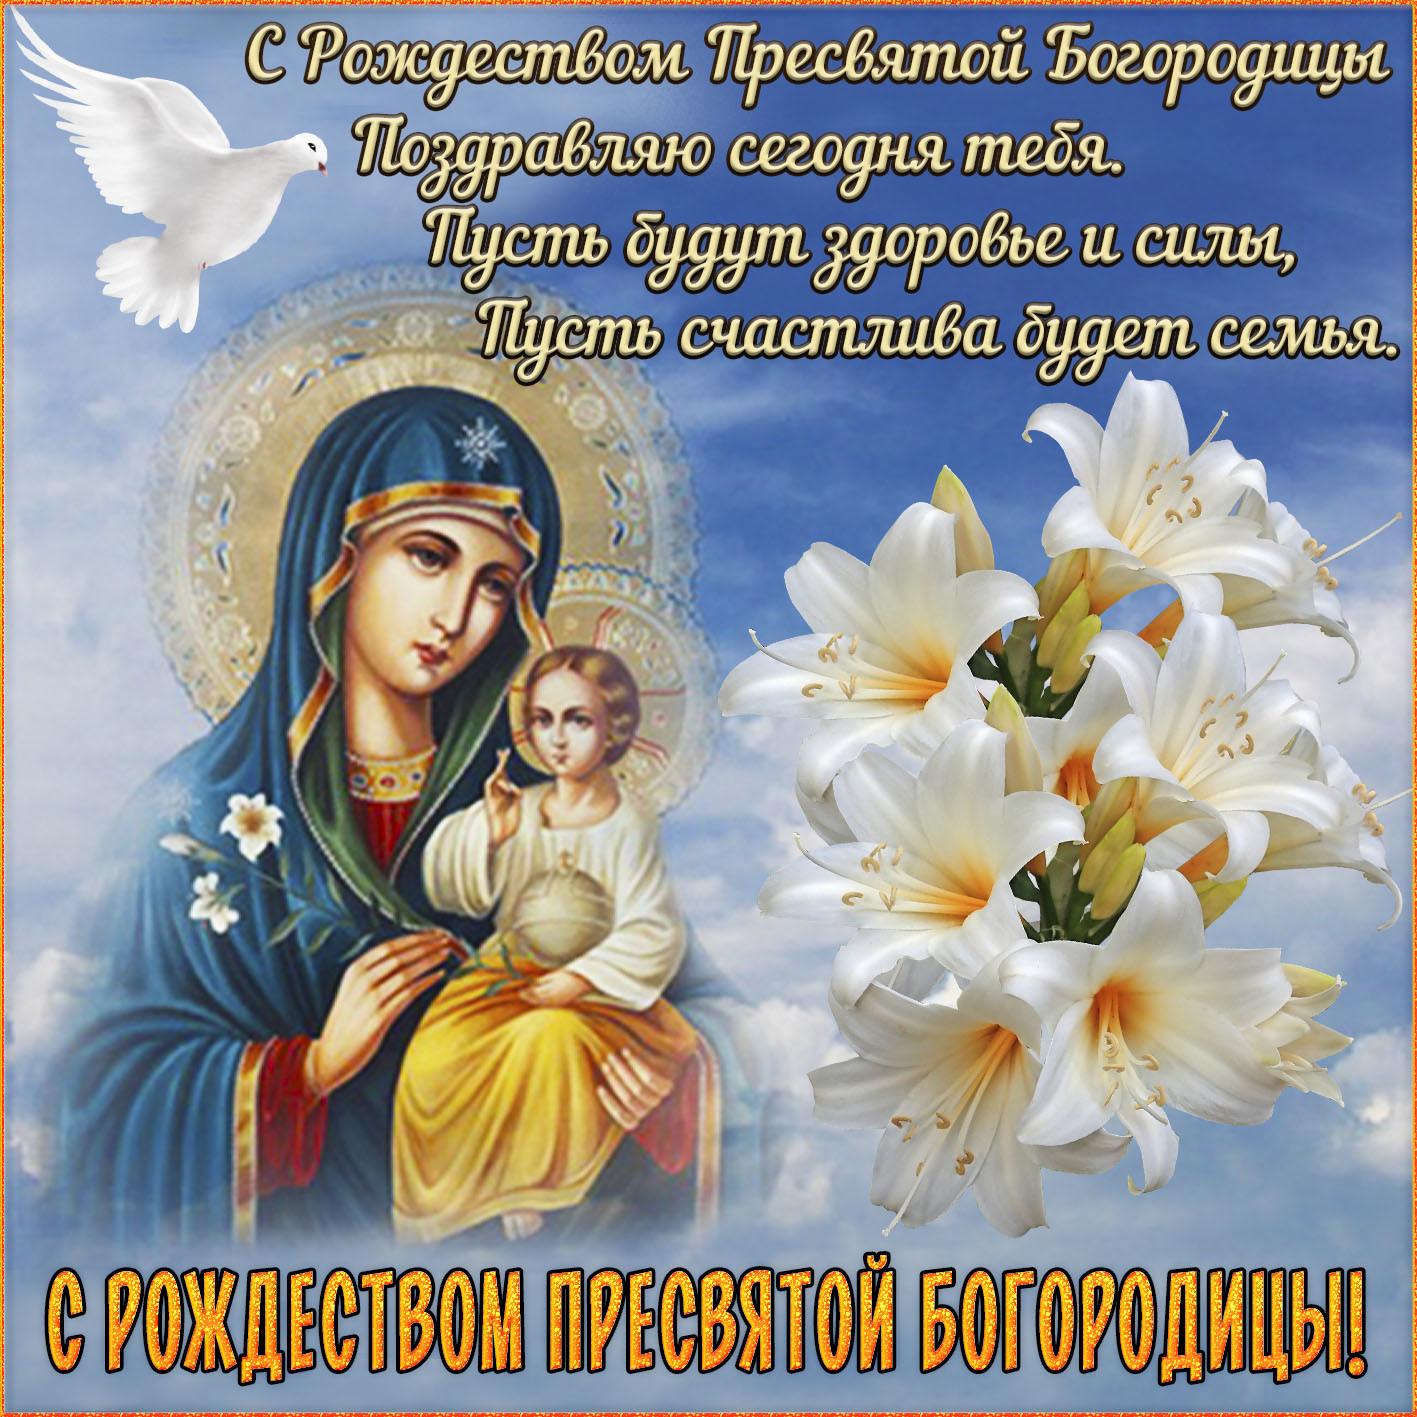 Спасибо, открытка с рождеством праздником пресвятой богородицы